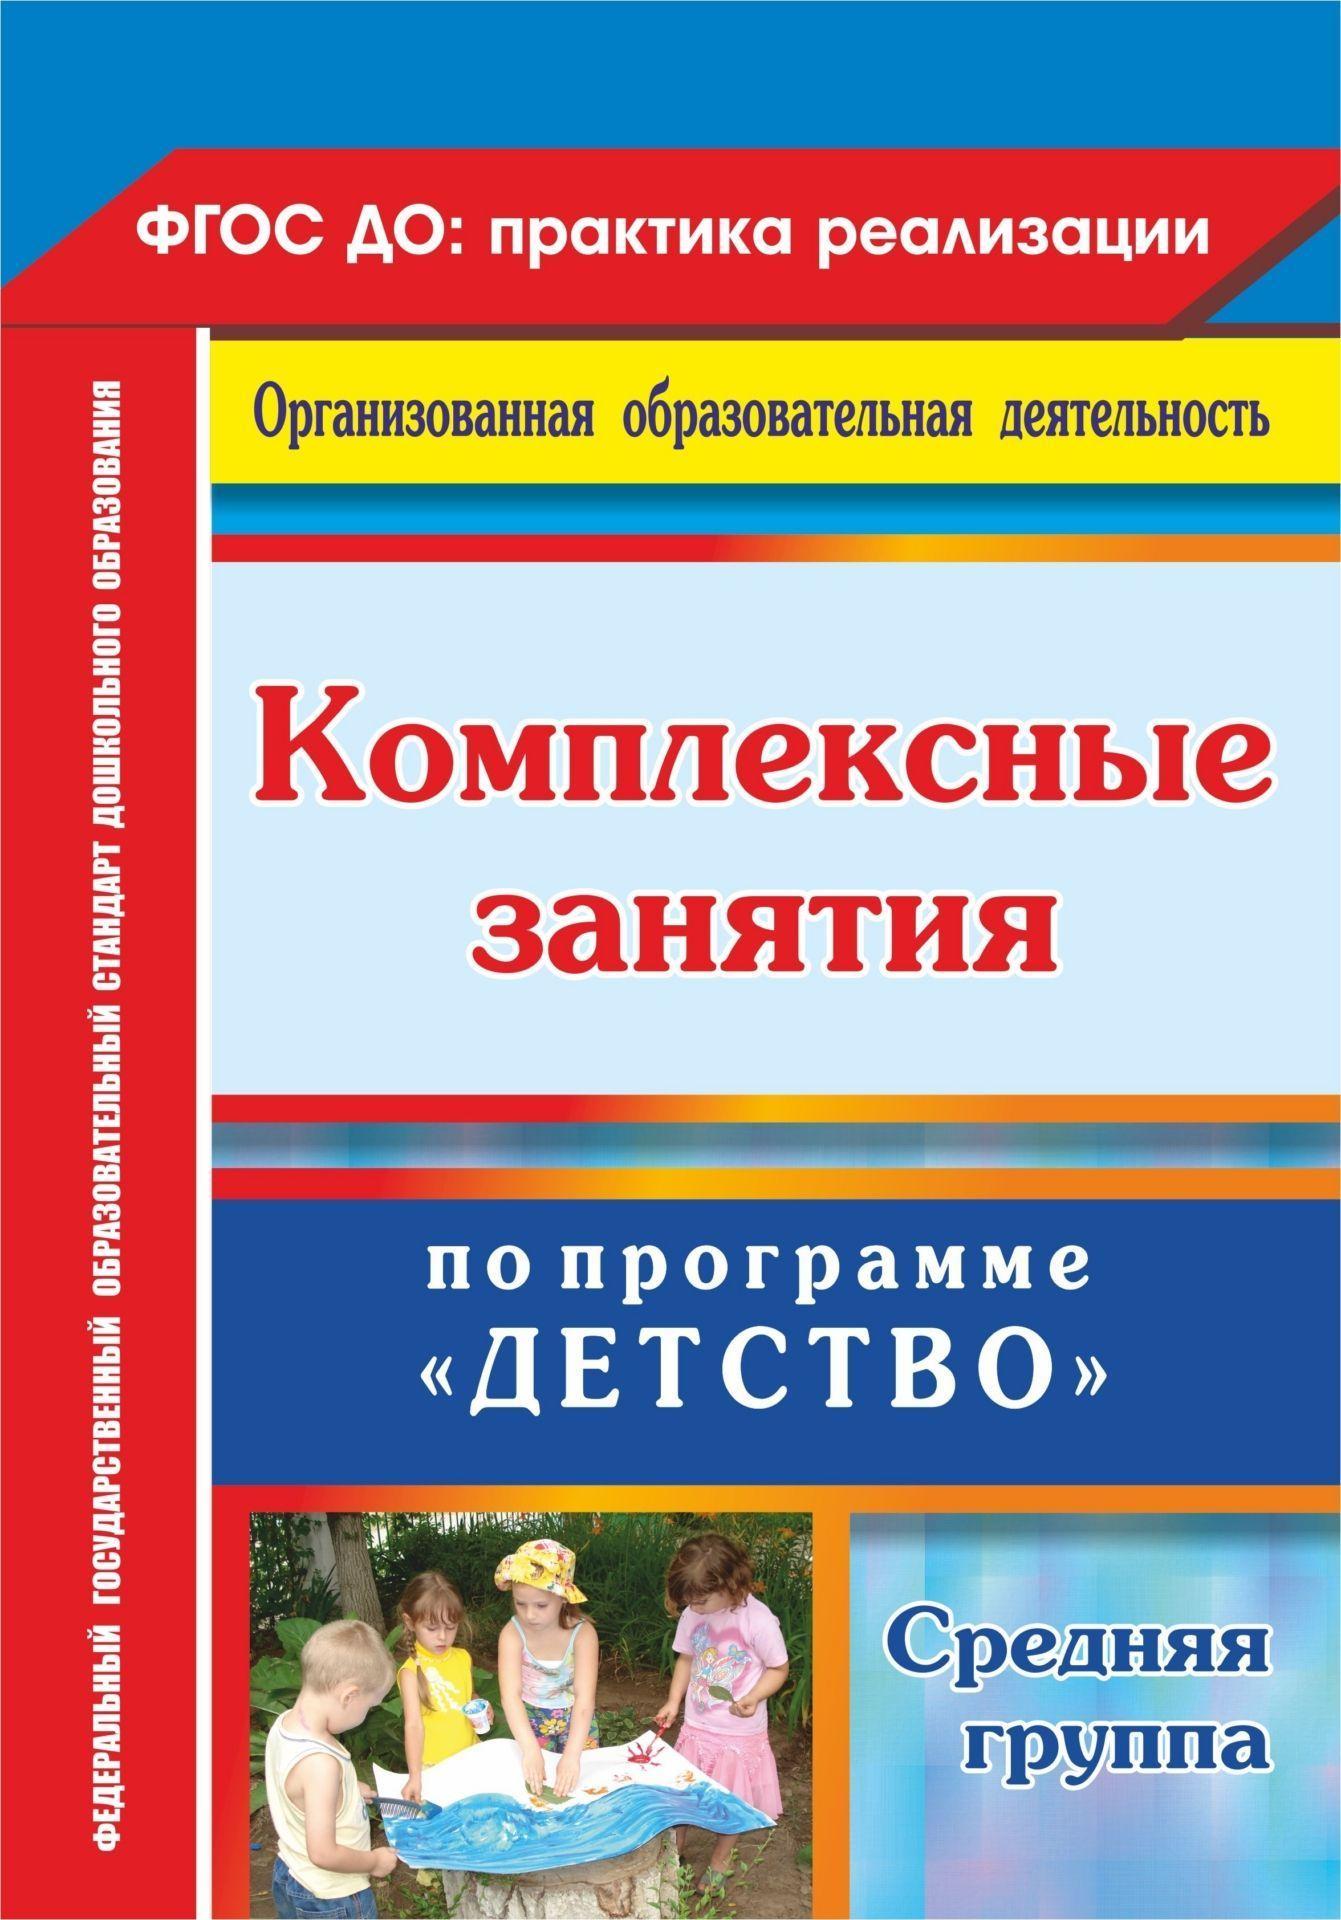 З. А.Ефанова, А. В. Елоева, О. В. Богданова Комплексные занятия по программе